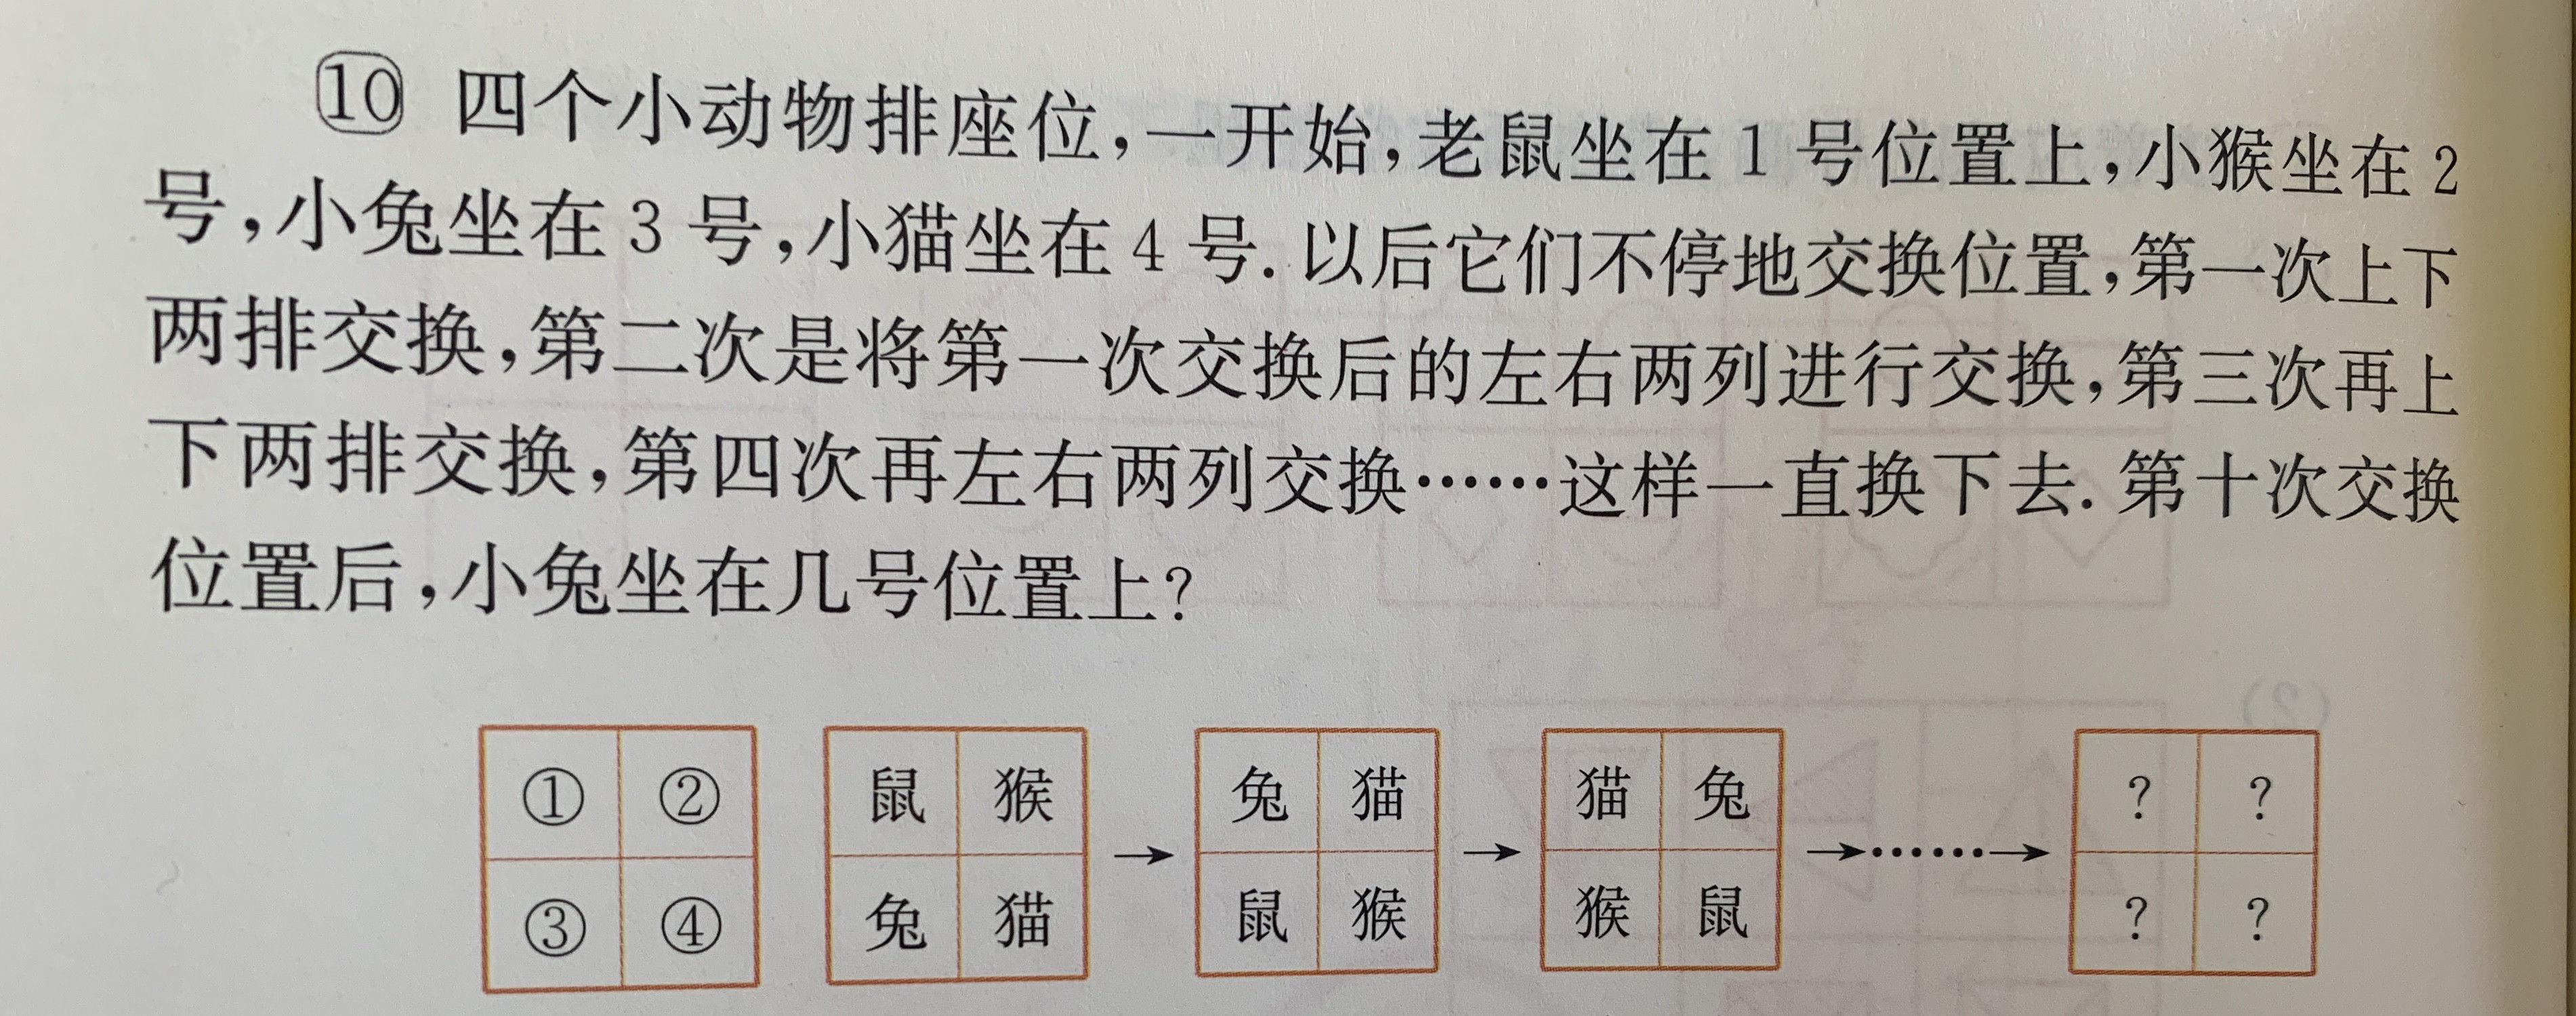 「老师」一年级考试,为何他的成绩好,每科都是100分?老师告诉你答案